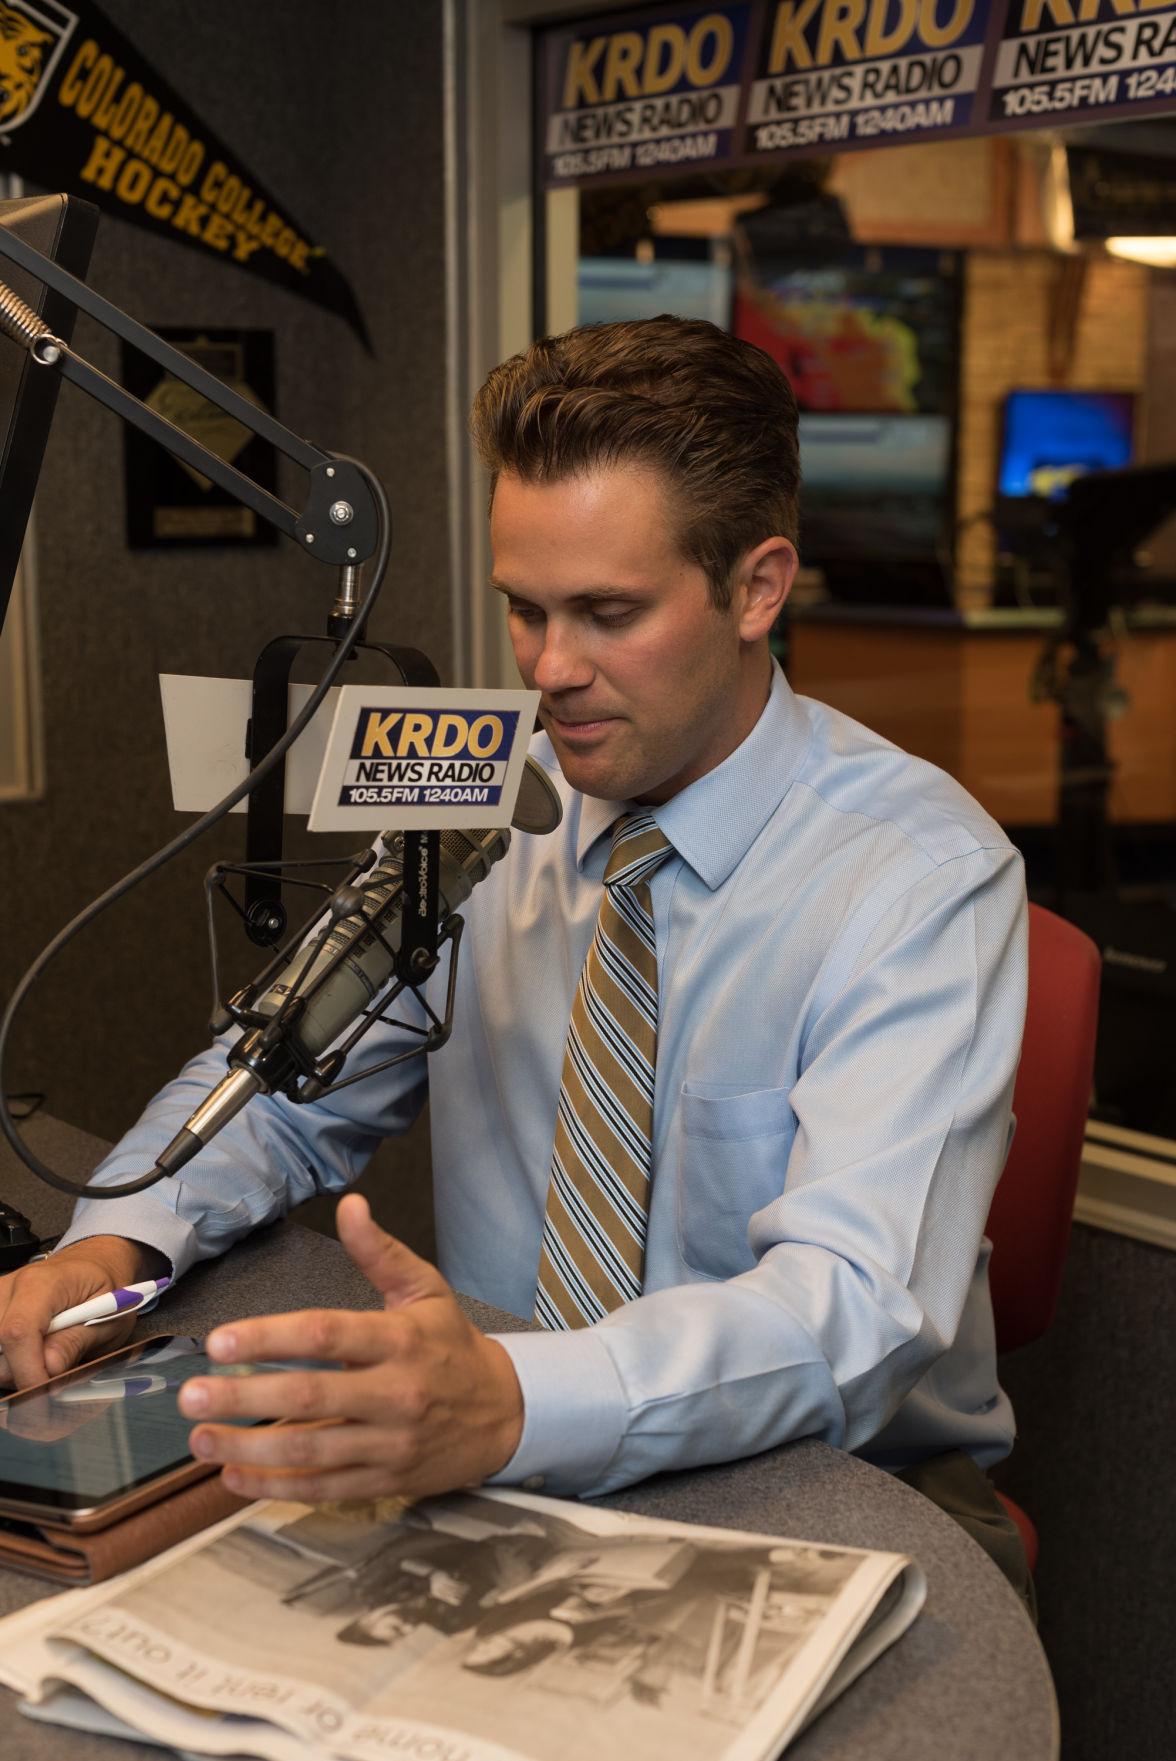 Justin Hermes in the KRDO News Radio studio